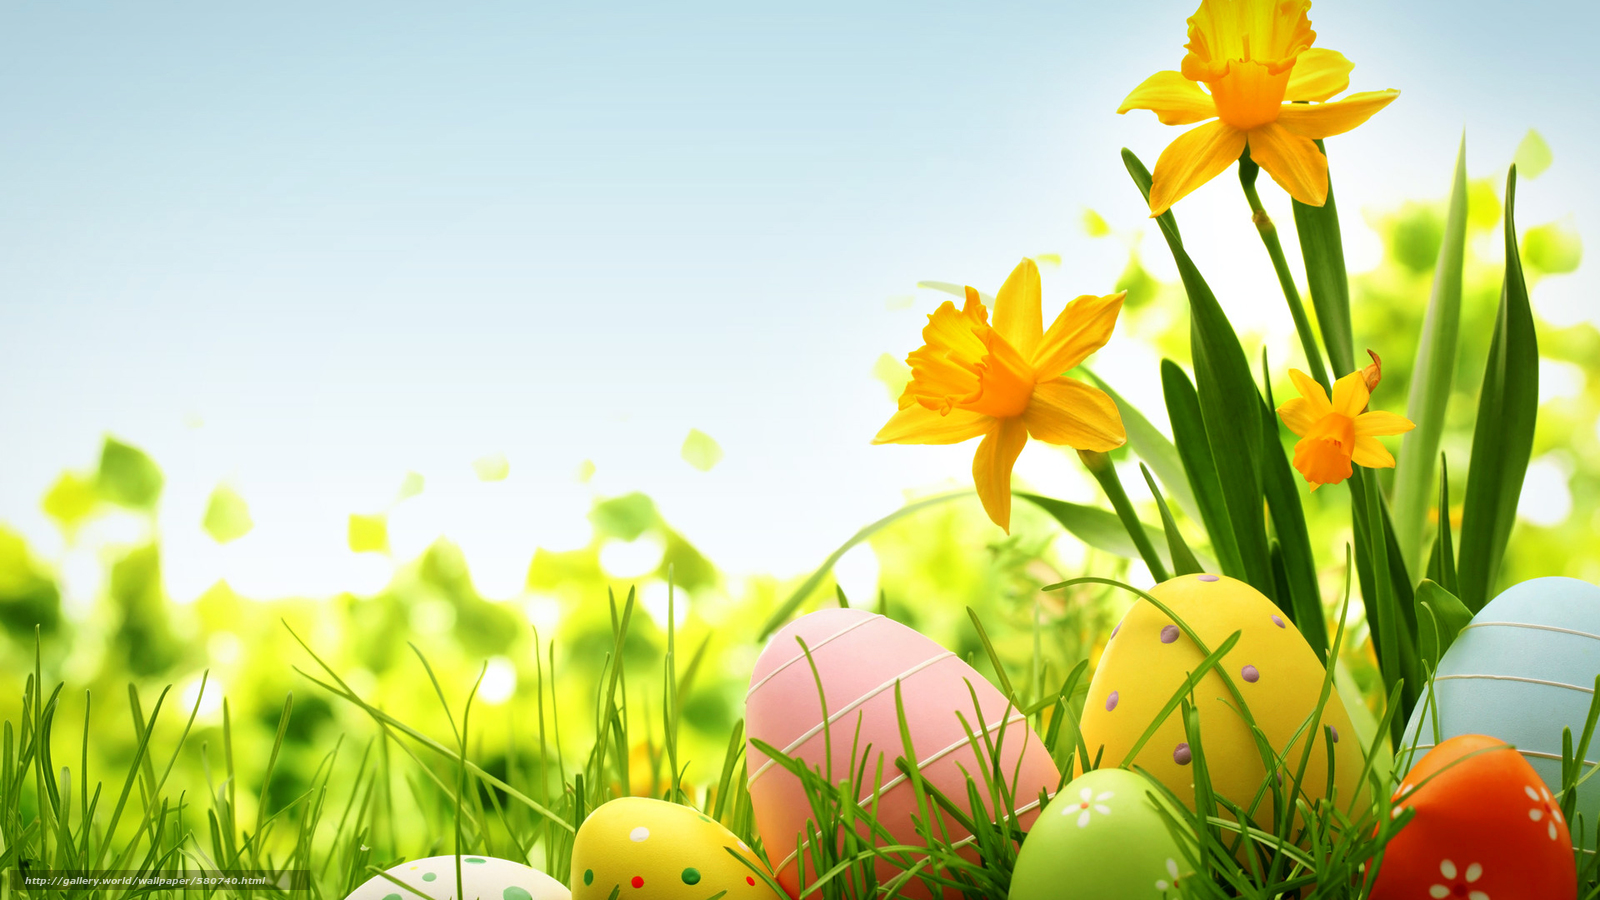 Scaricare gli sfondi primavera fiori pasqua uova sfondi for Immagini desktop primavera